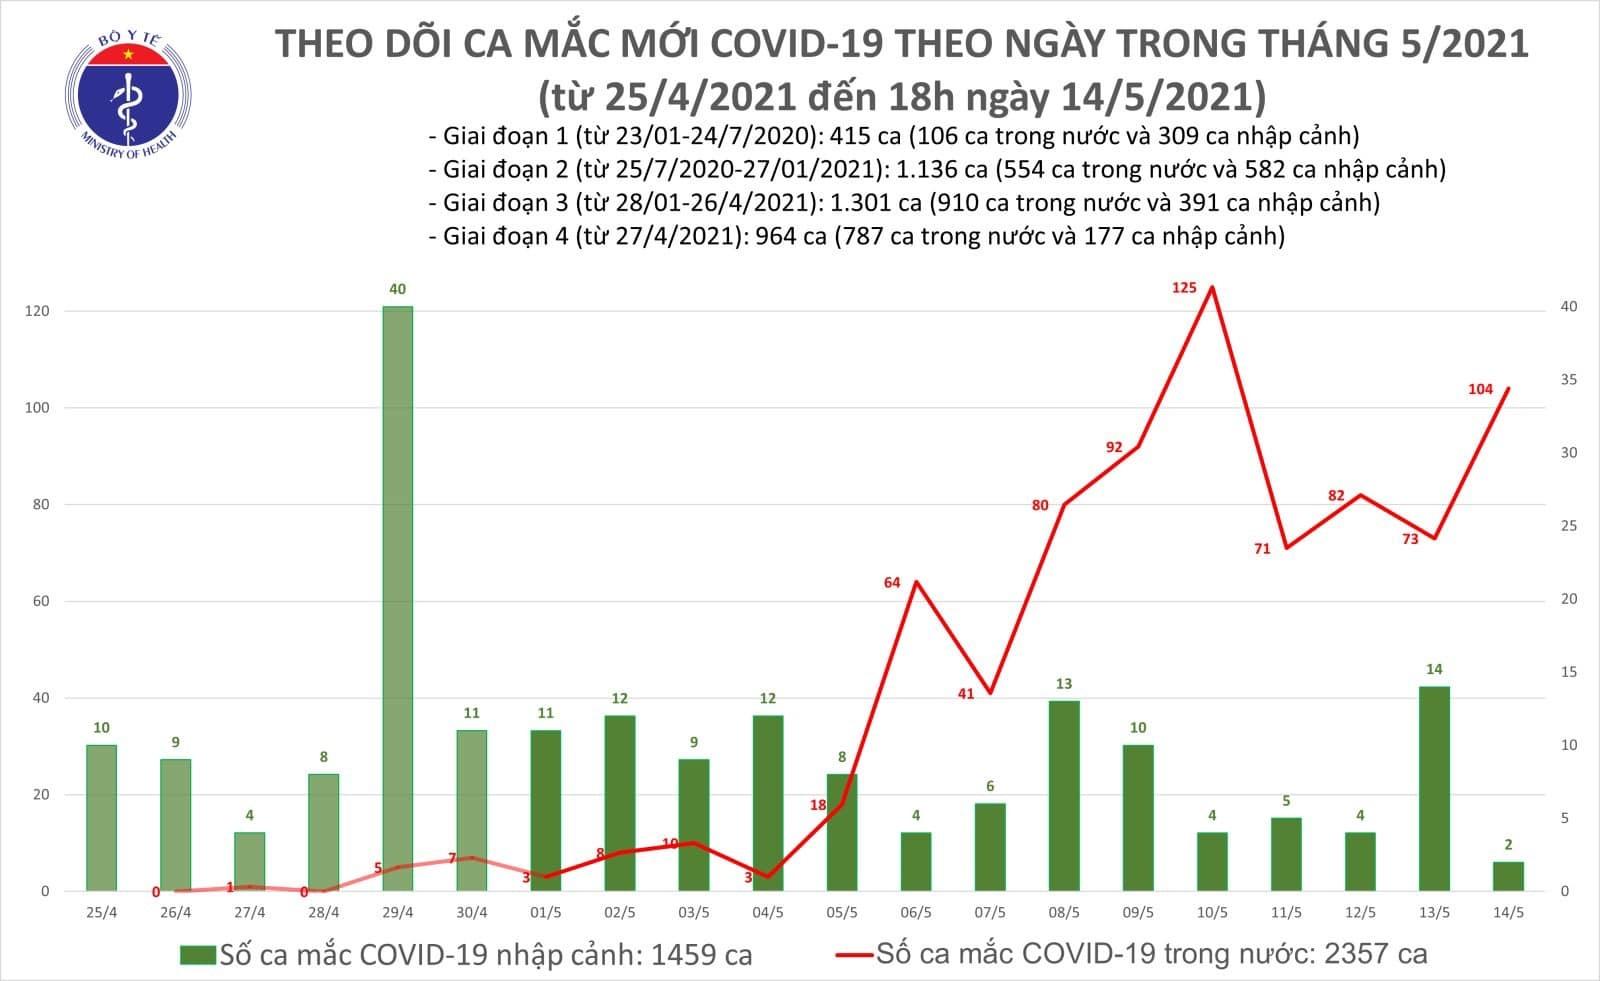 Chiều 14/5, Việt Nam công bố 59 ca Covid-19 trong nước tại 6 tỉnh